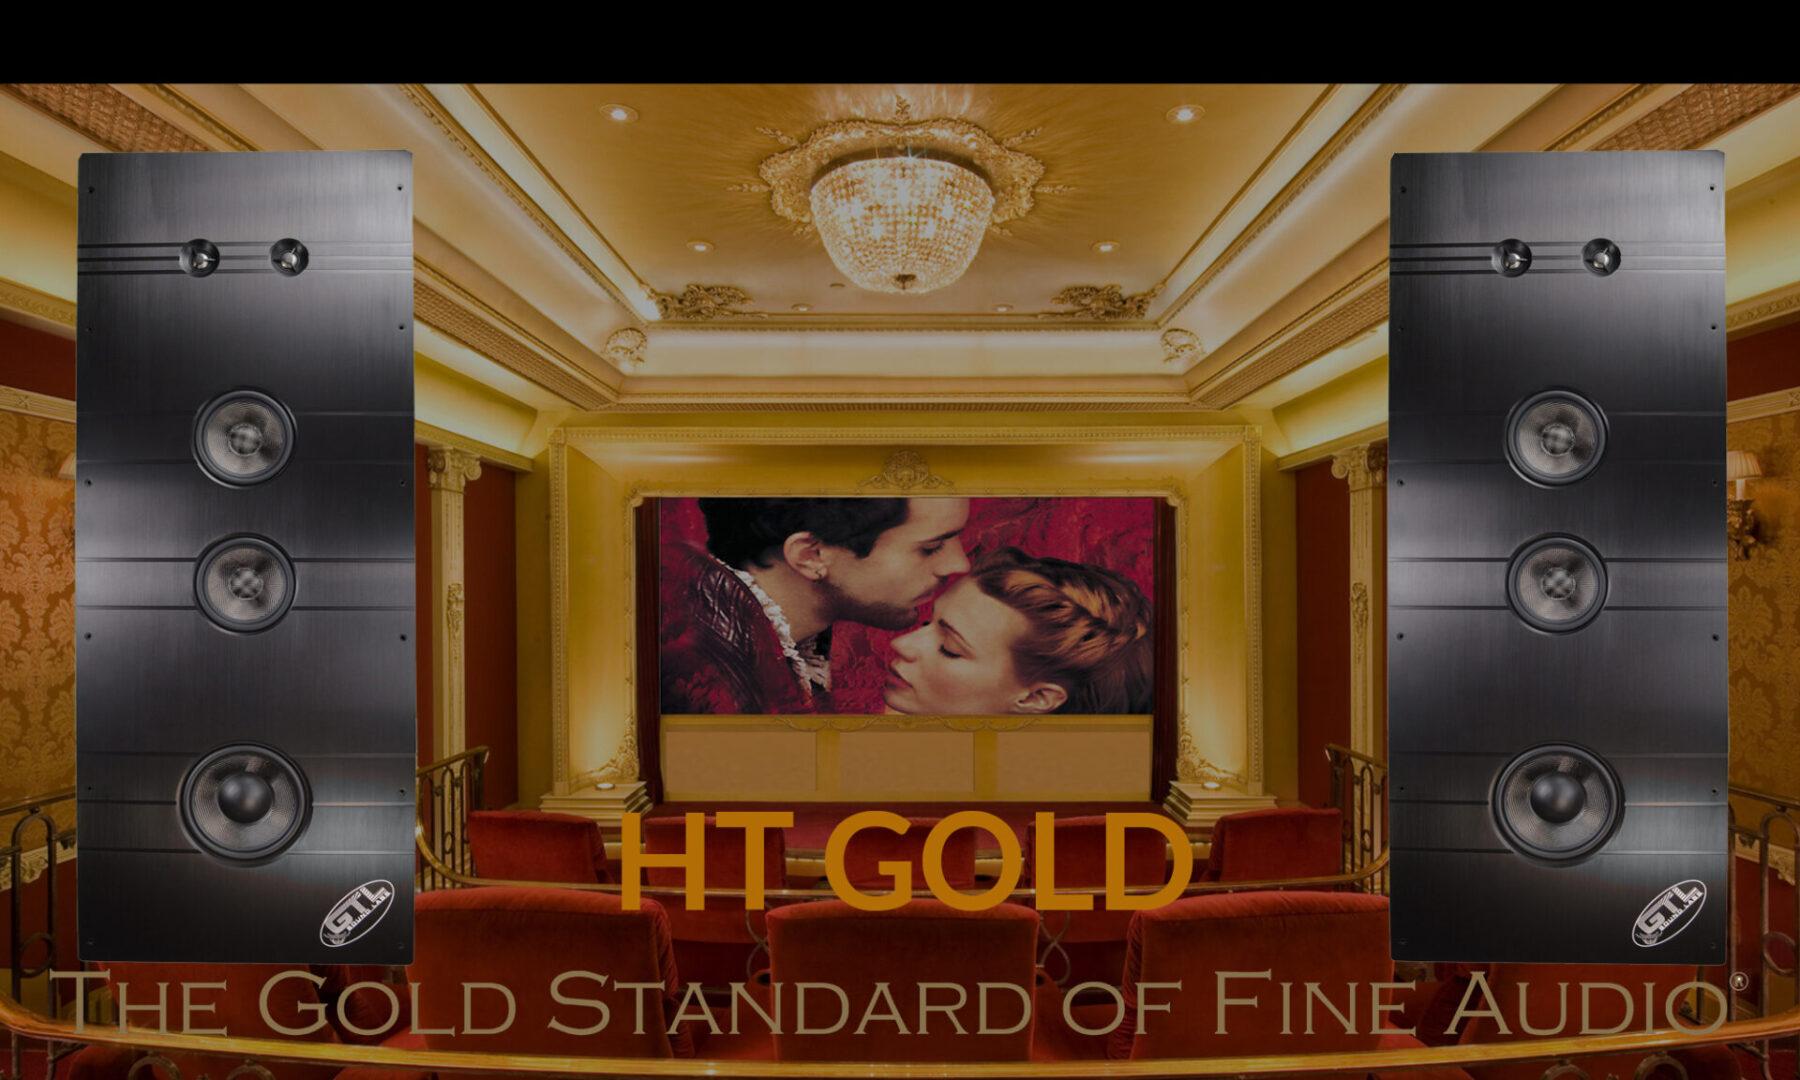 HT_Gold_Full_Size_Header